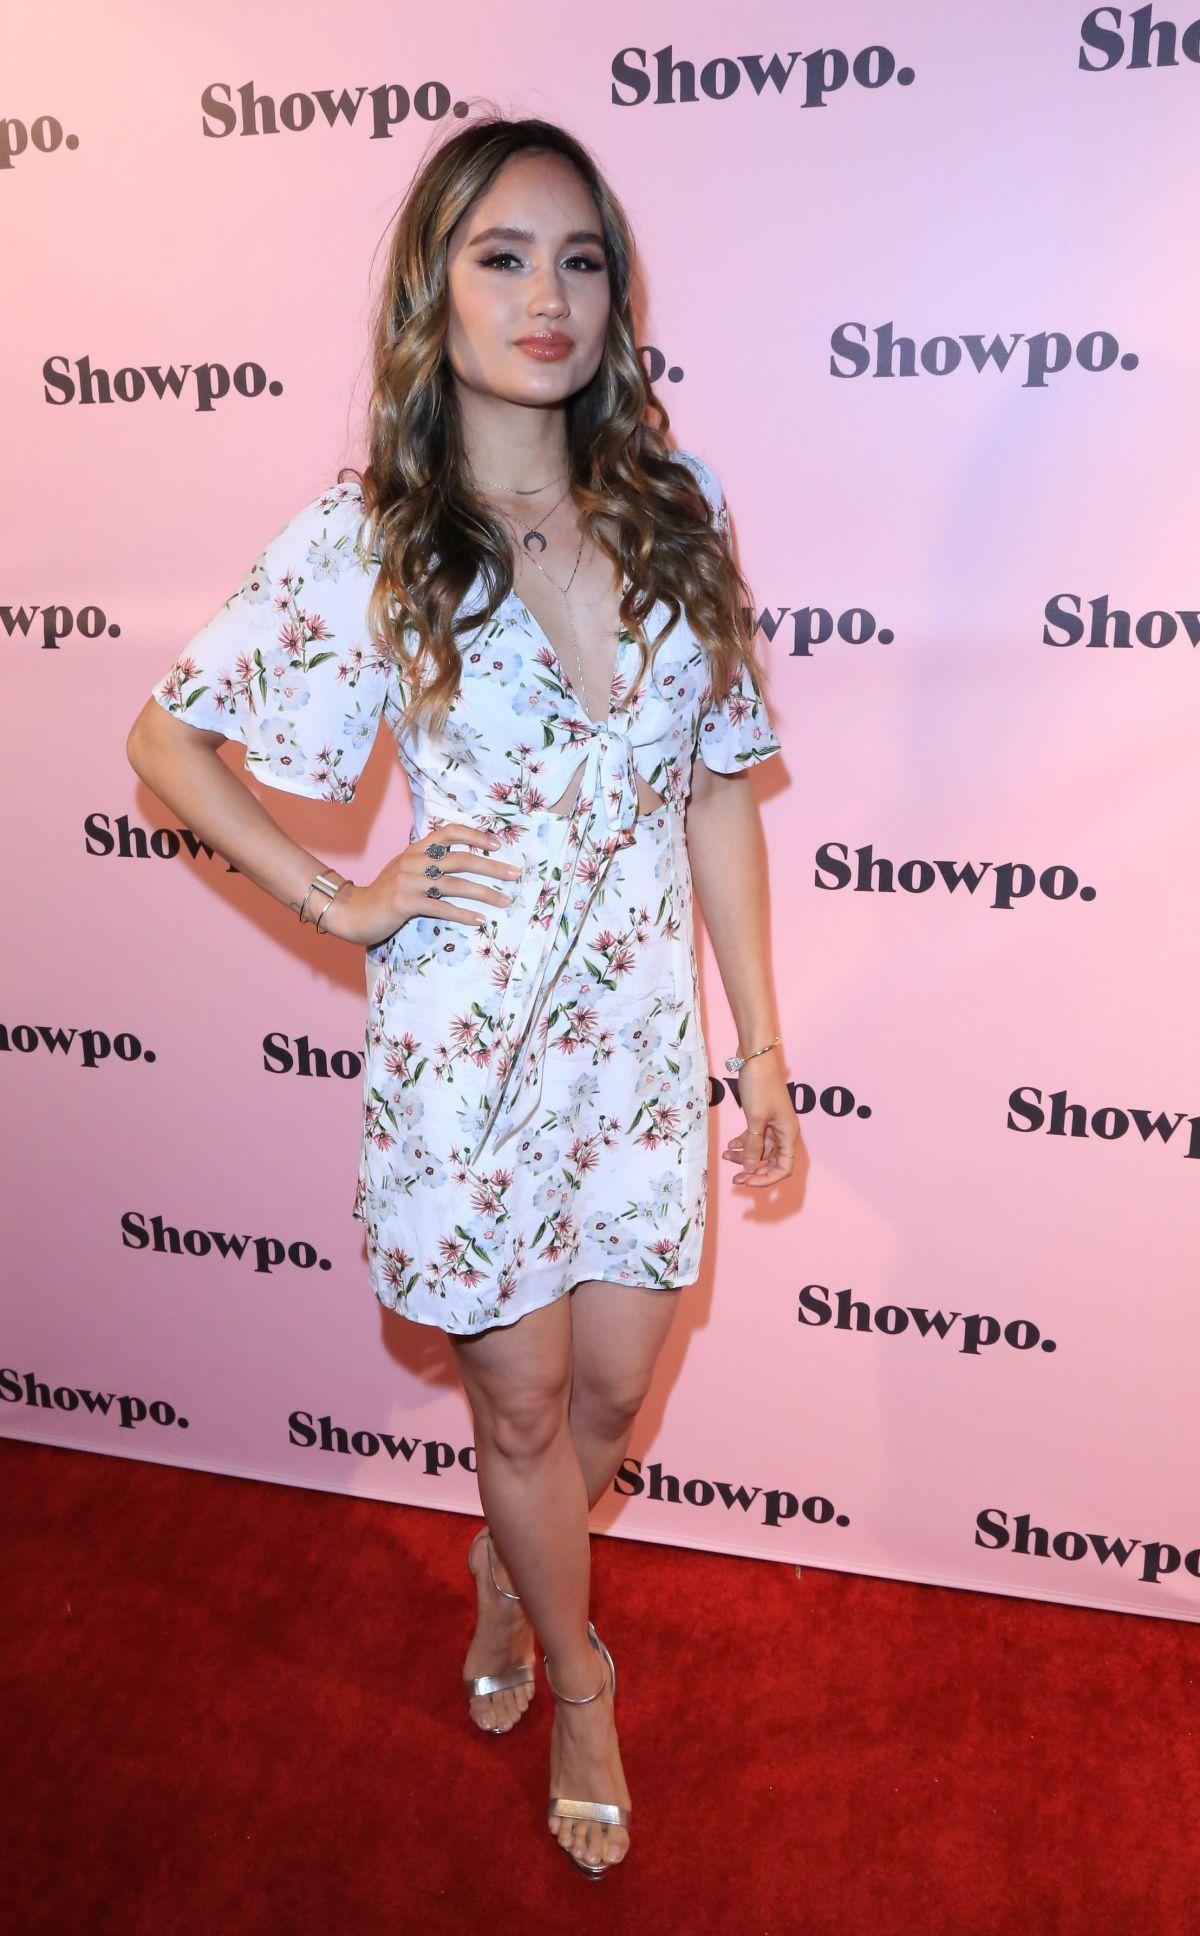 CINTA LAURA at Showpo US Launch Party in Los Angeles 08/24/2017